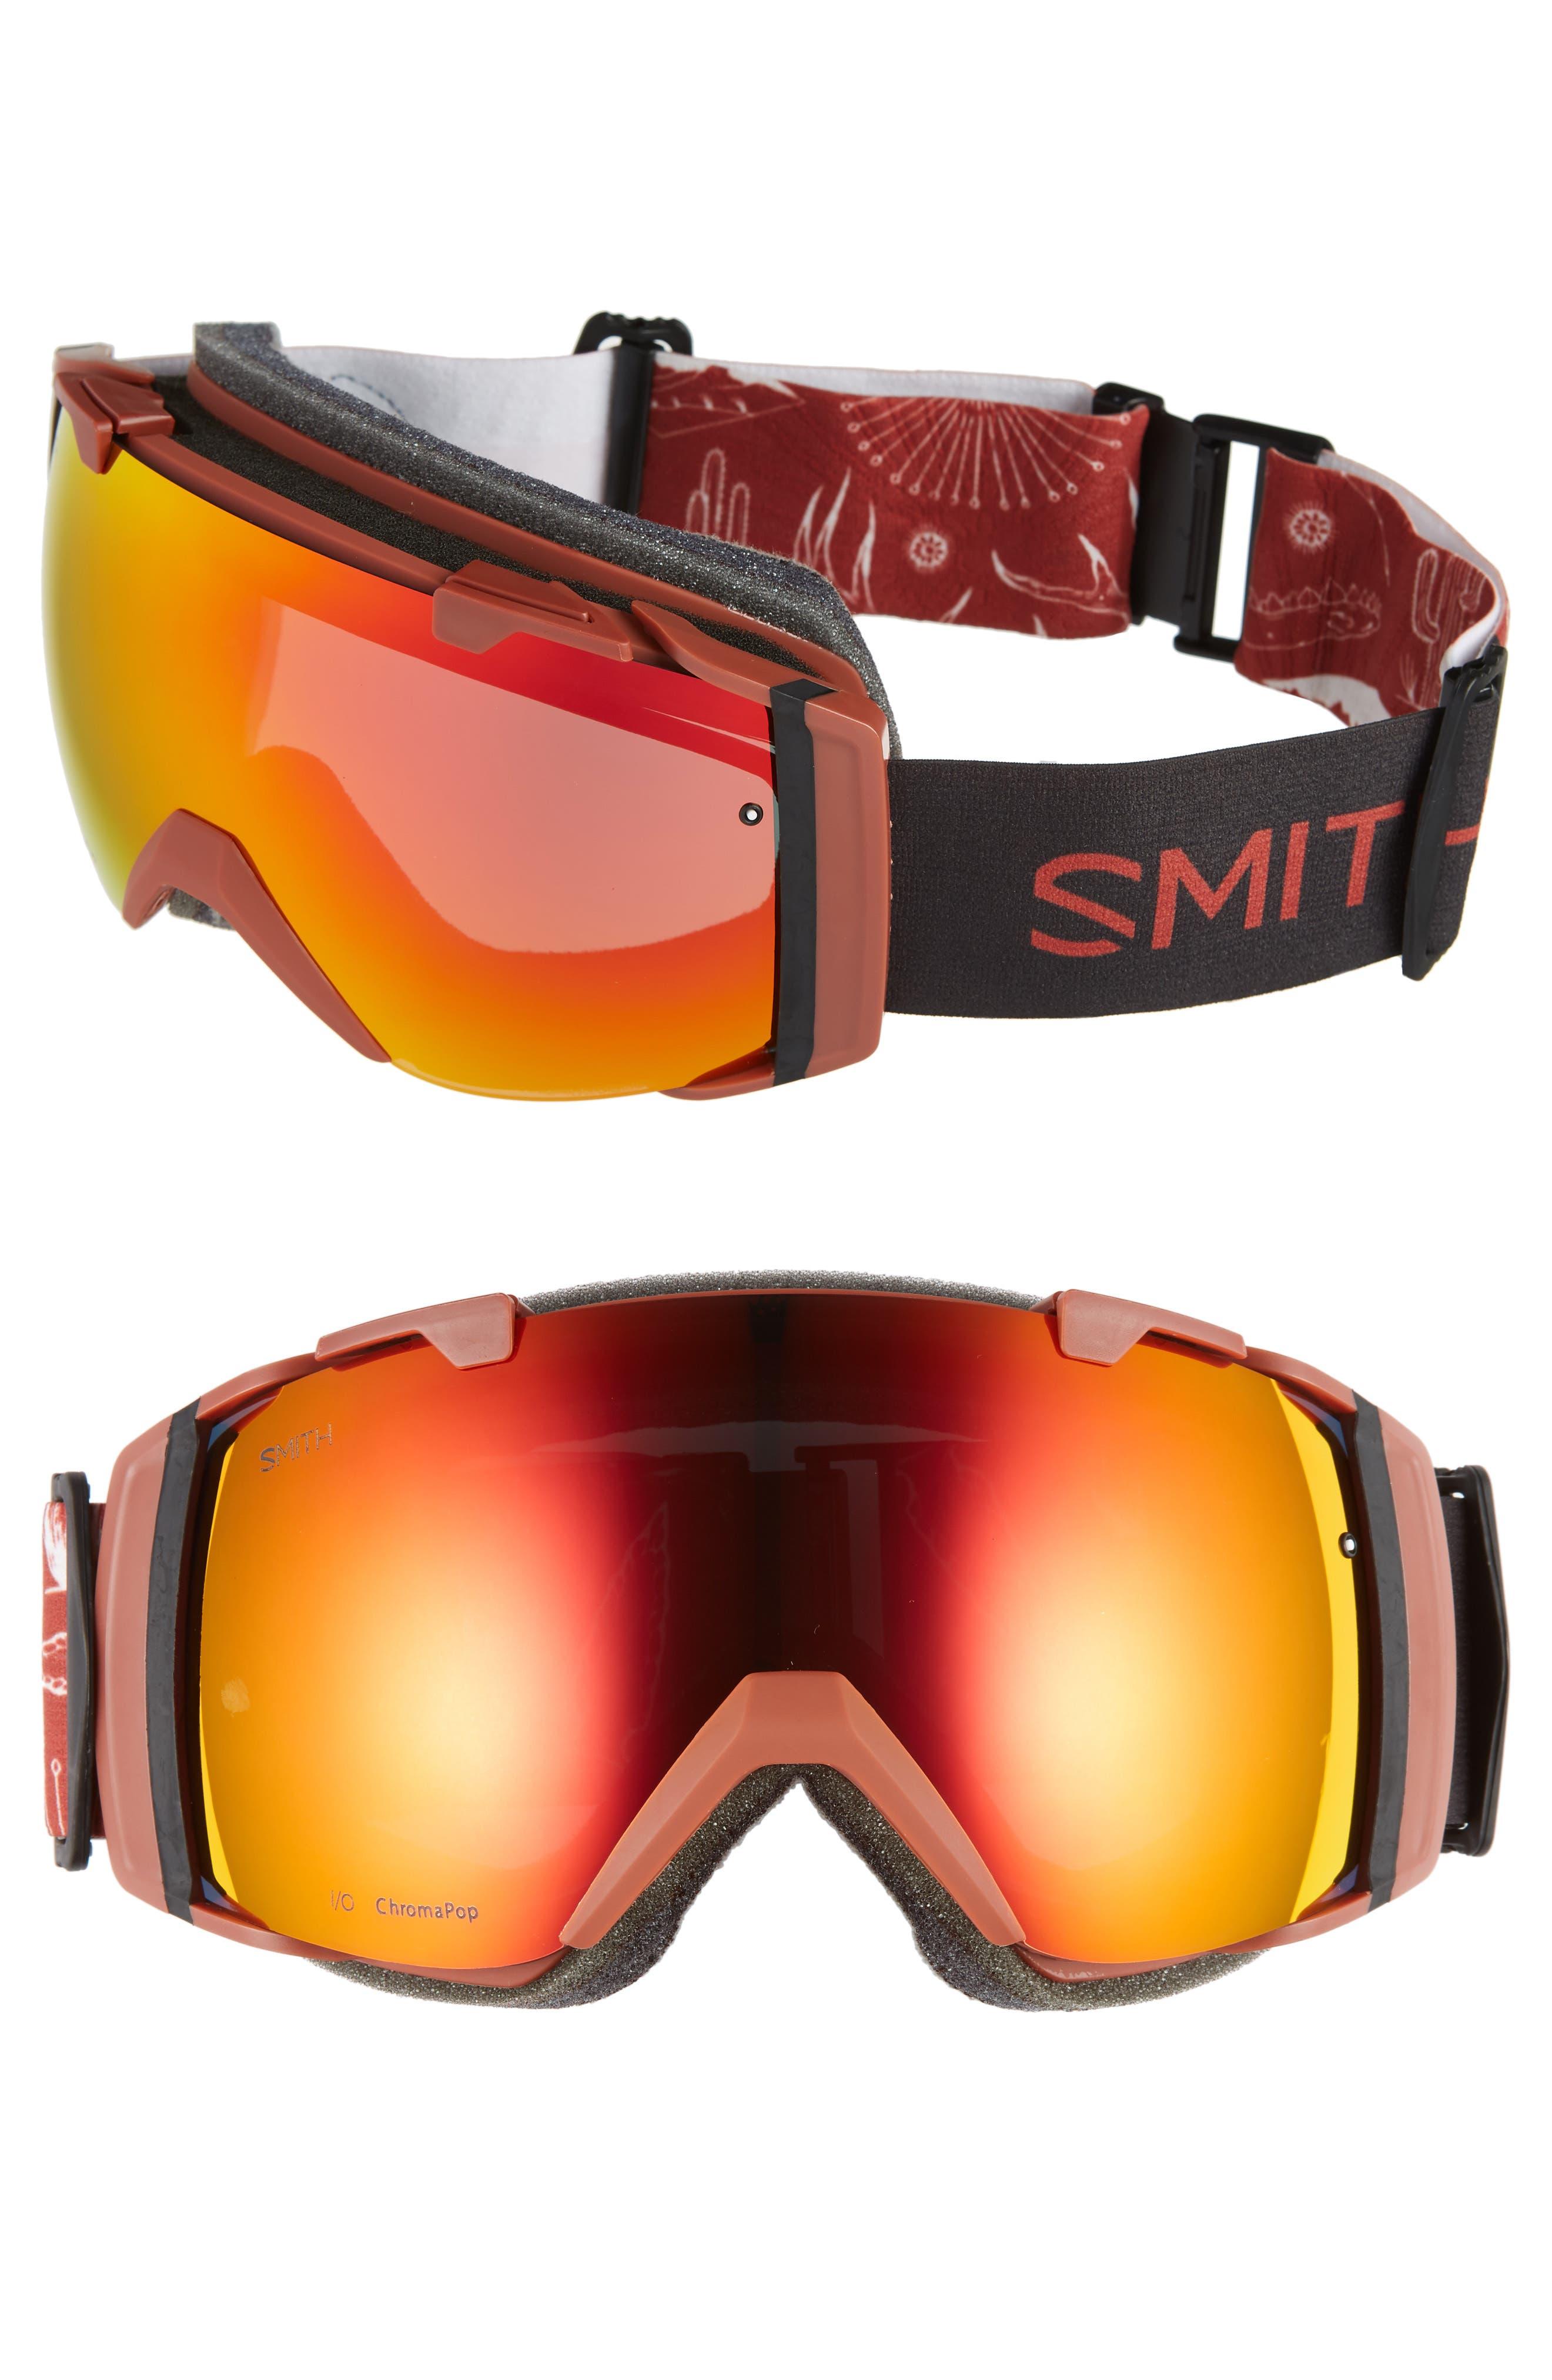 I/O 215mm ChromaPop Snow Goggles,                         Main,                         color, OXIDE MOJAVE